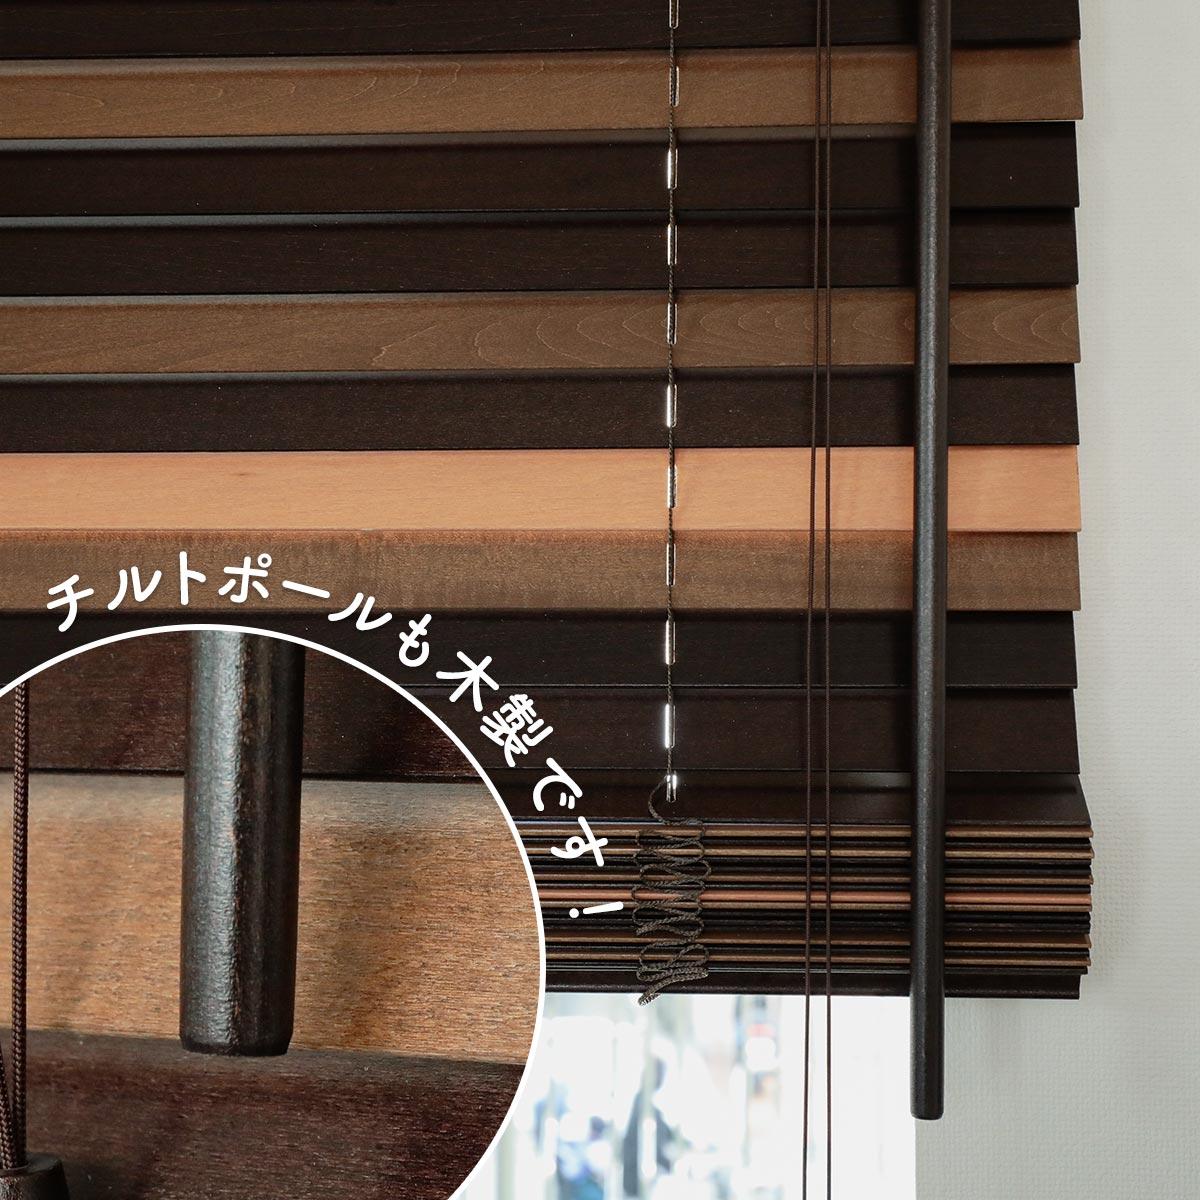 日本製ウッドブラインド ランダムウッド チョコブラウン04